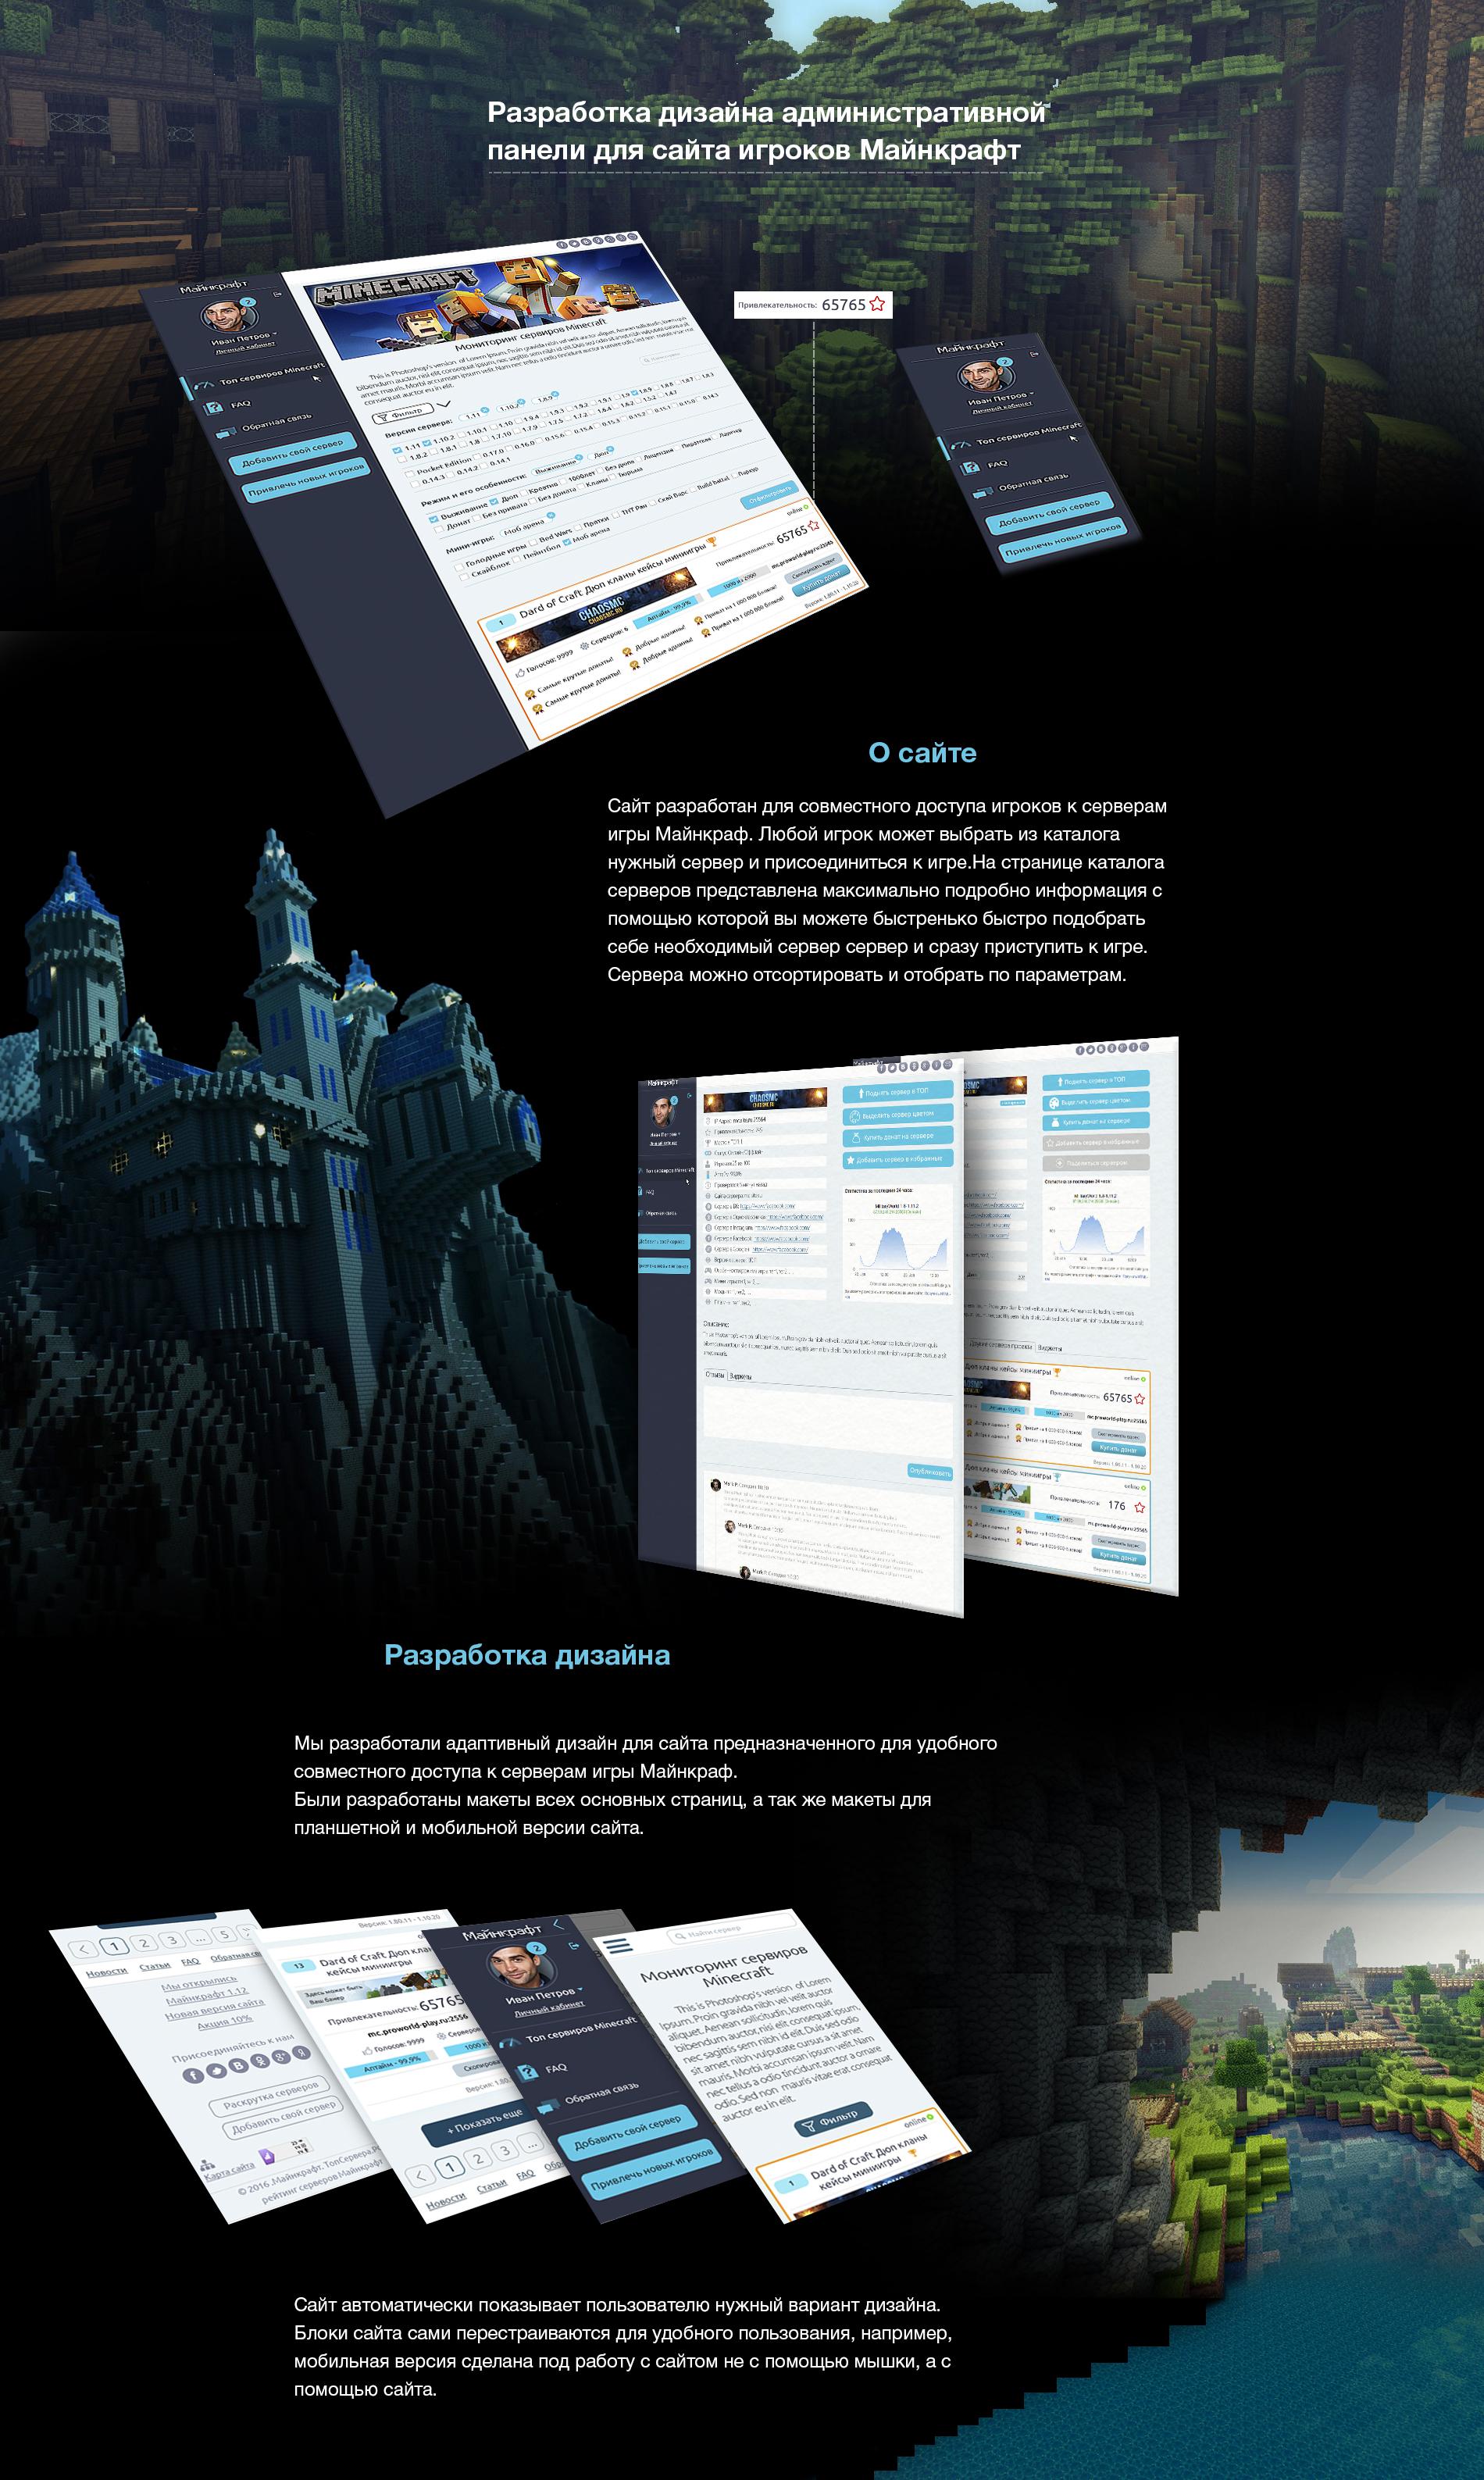 Разработка дизайна административной панели для сайта игроков Майнкрафт